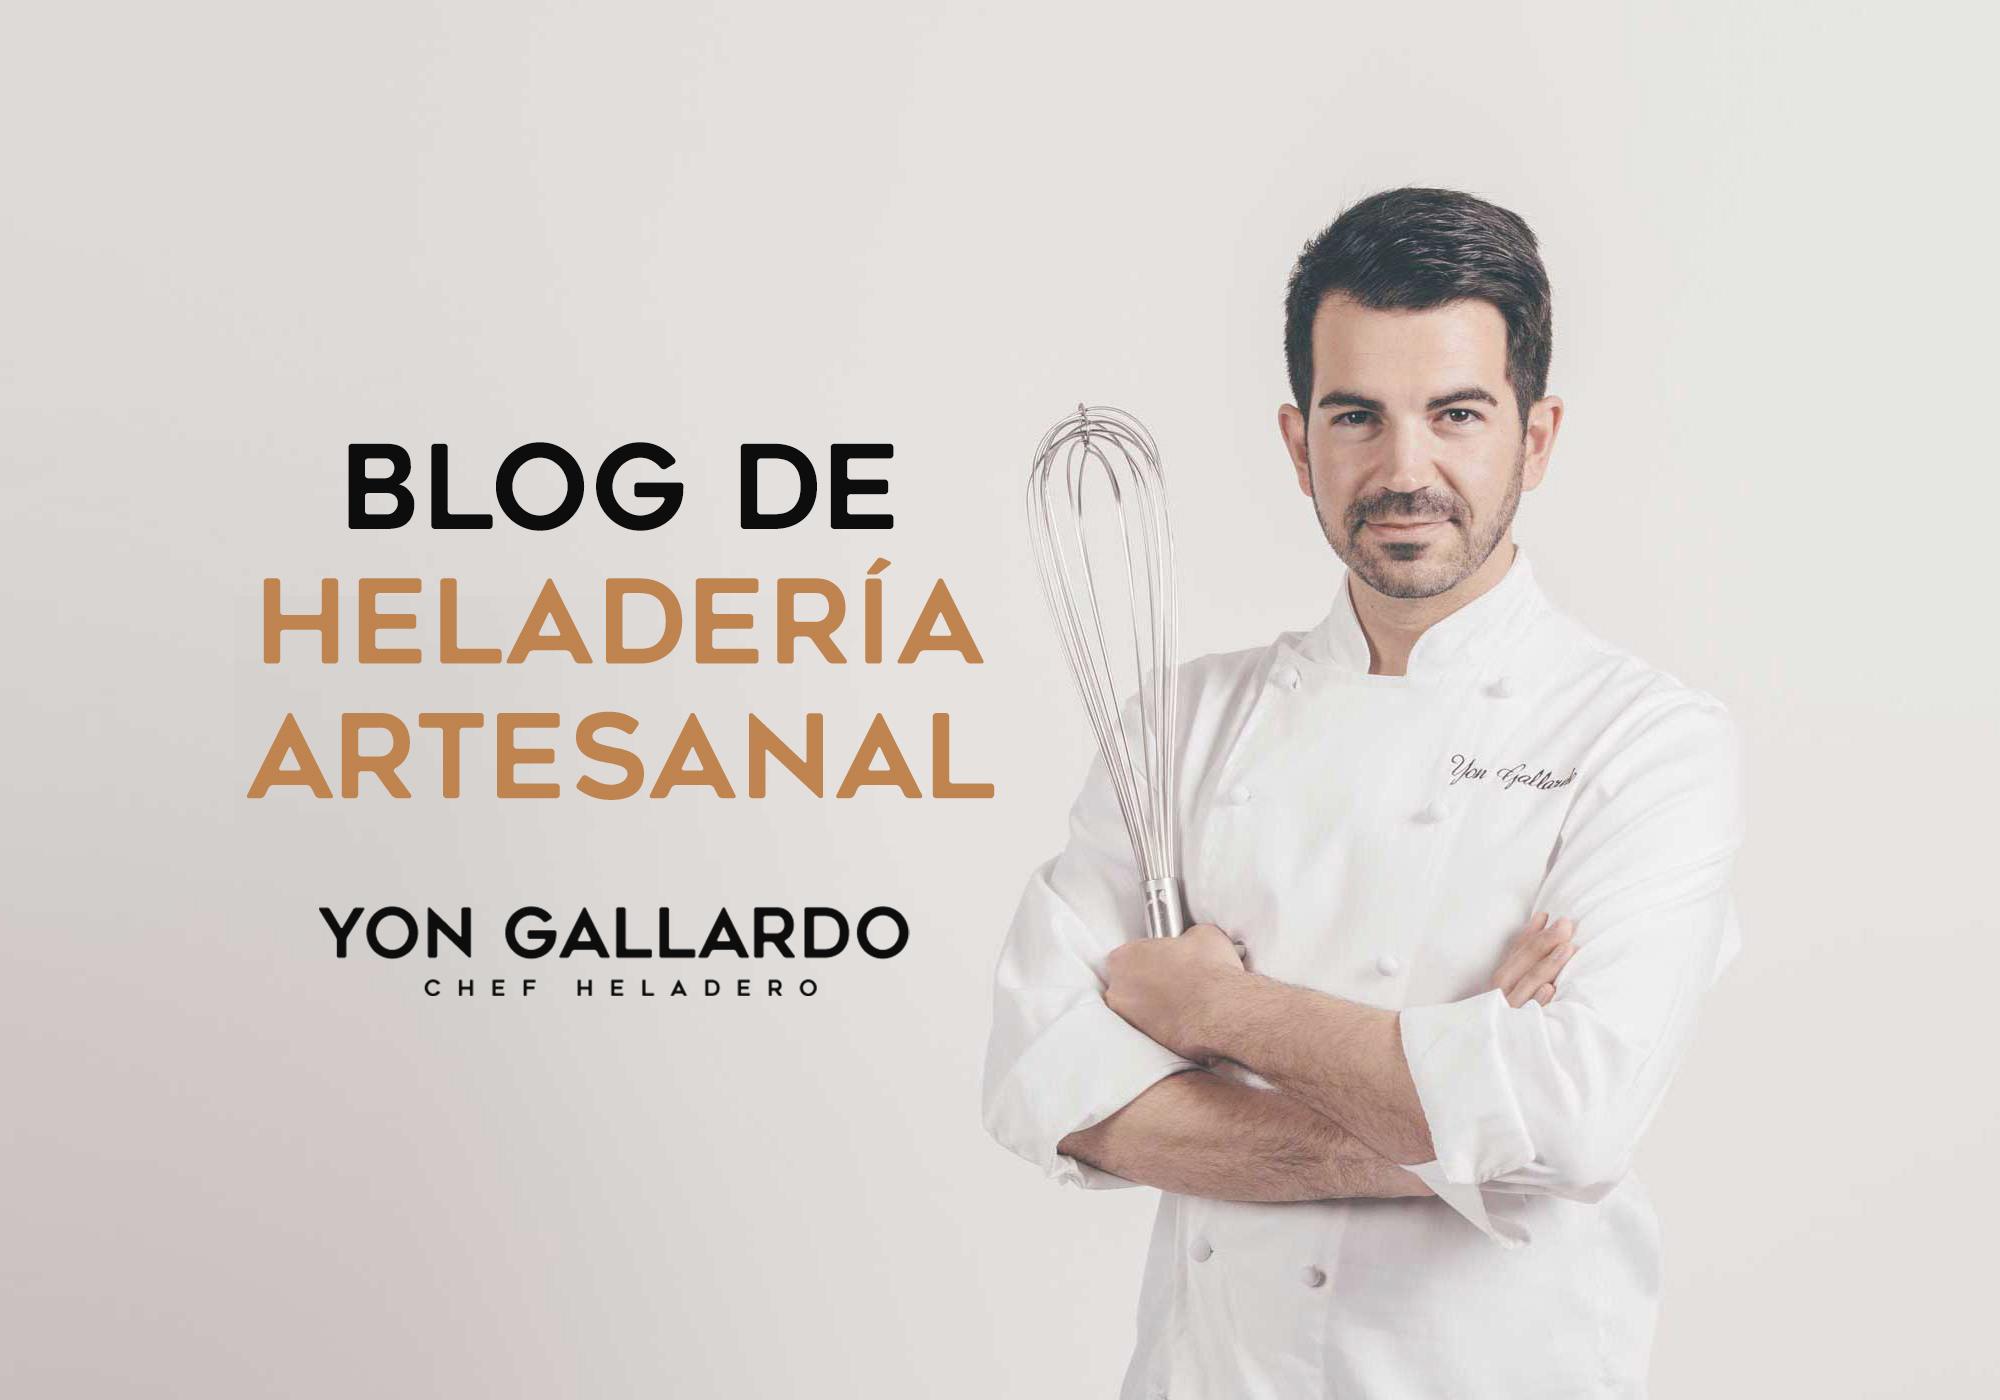 Blog de heladería artesanal - Yon Gallardo